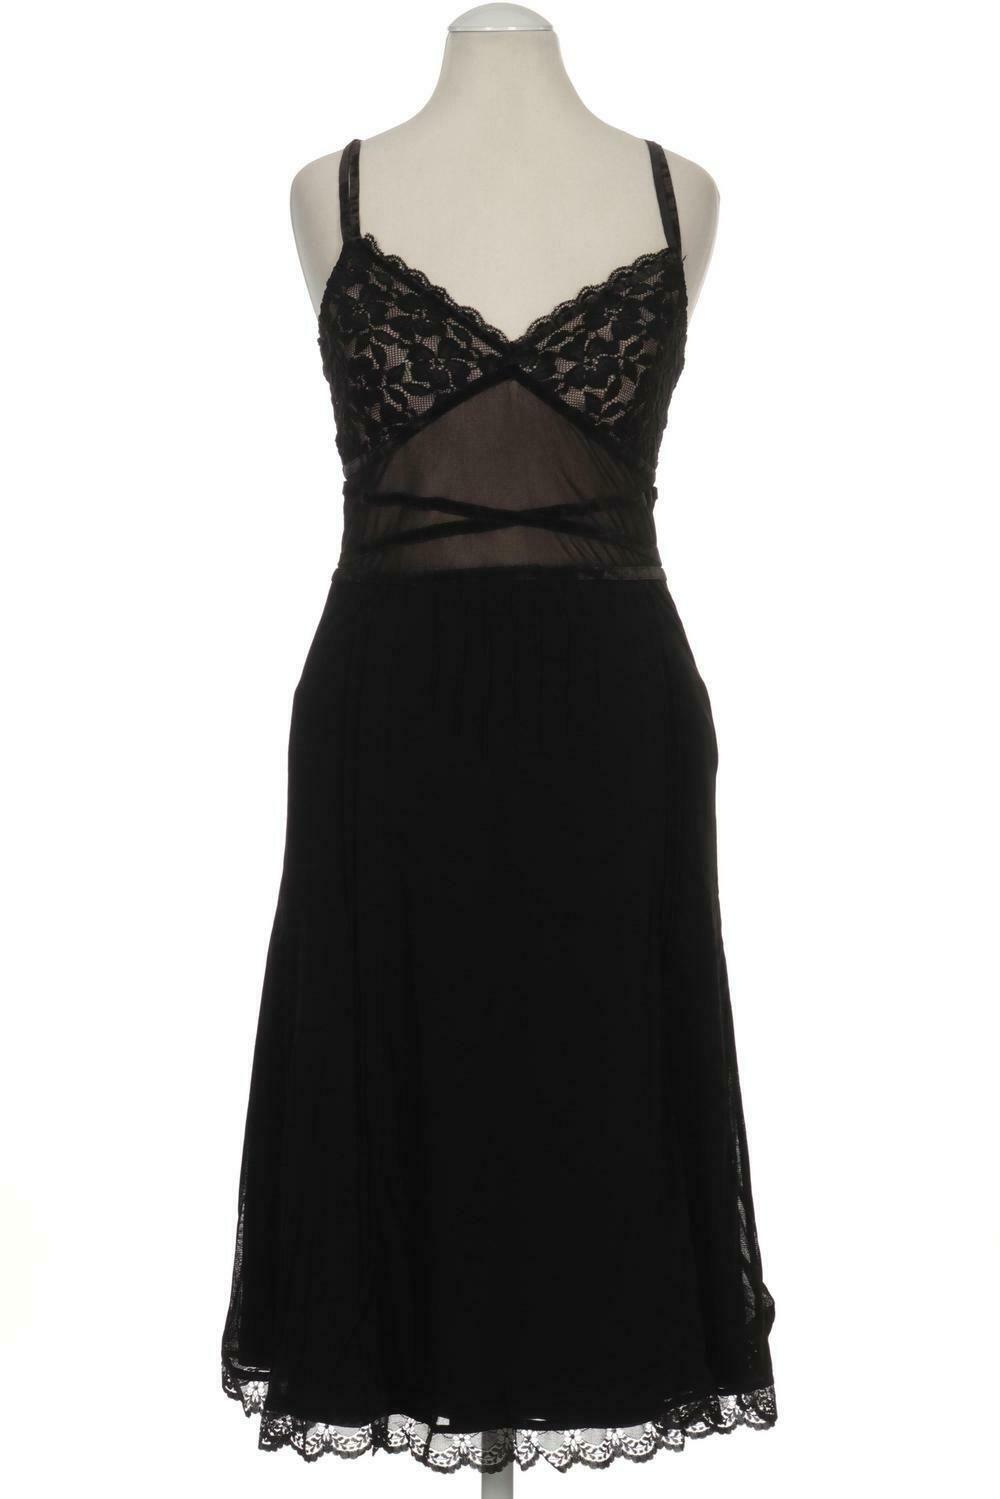 MEXX Kleid Damen Dress Damenkleid Gr. XS schwarz #fca17f